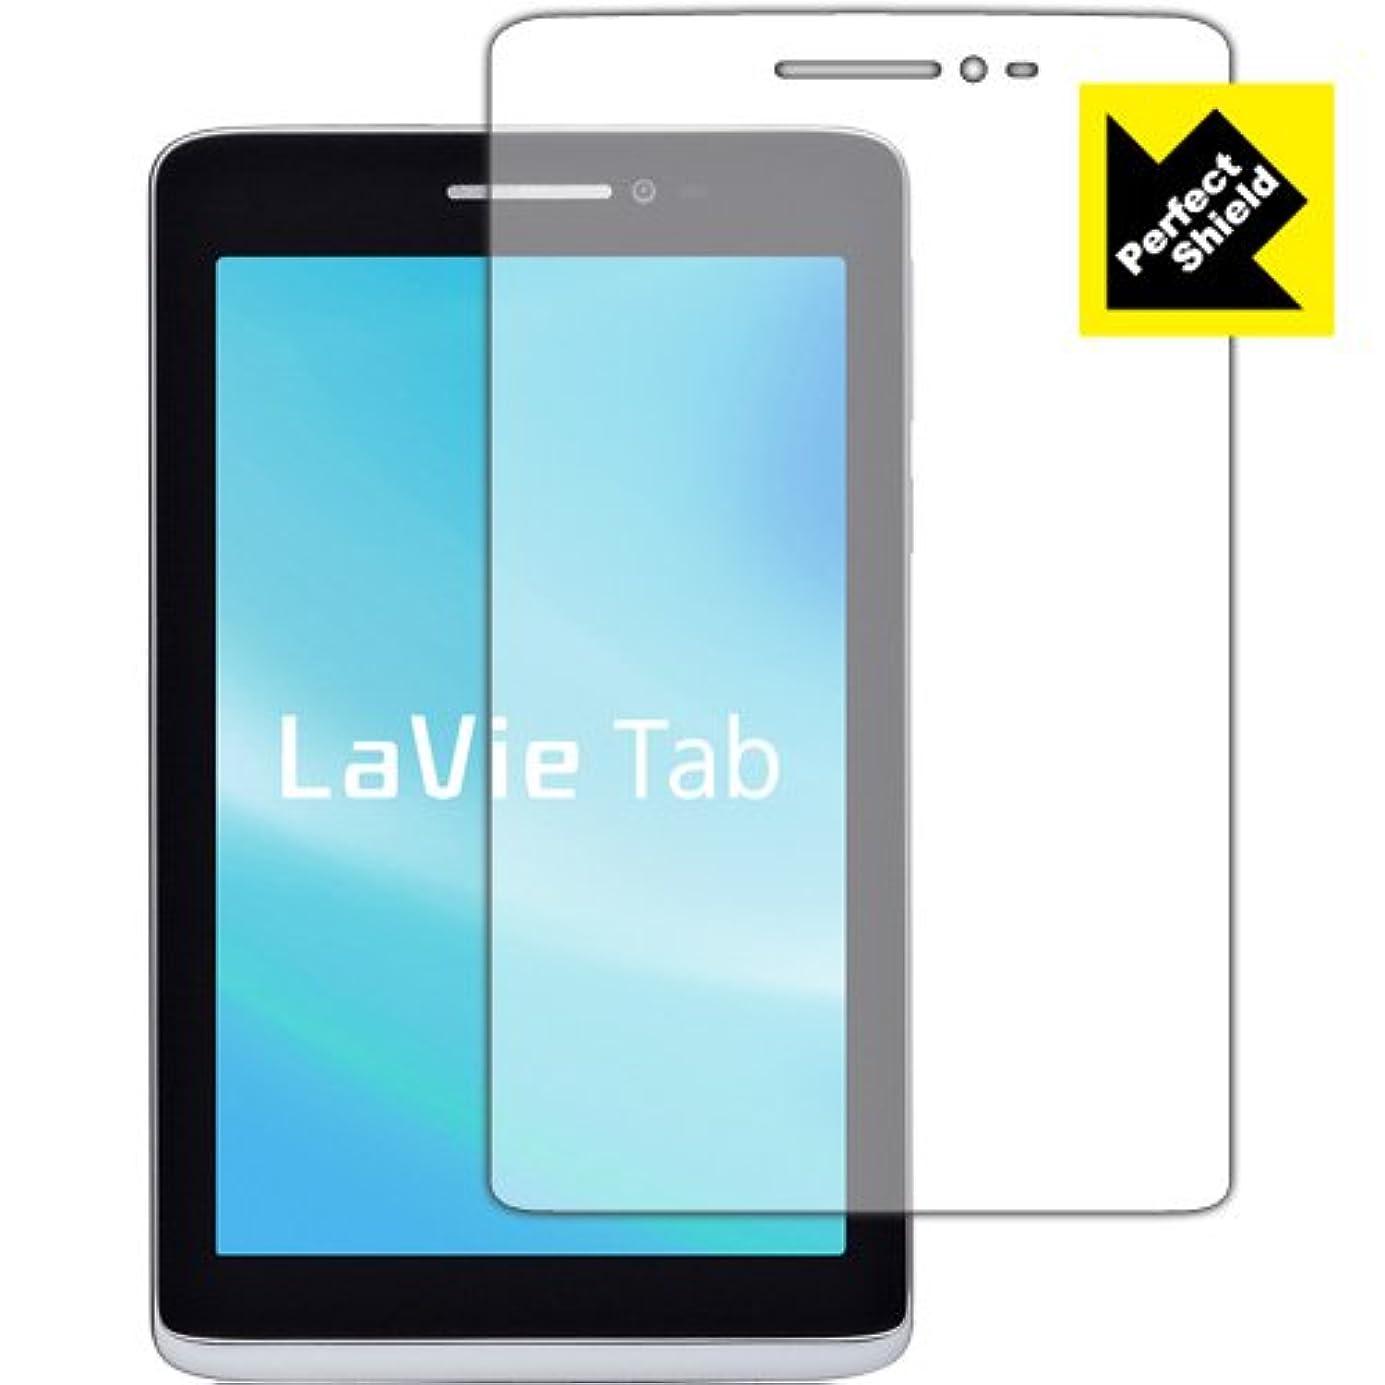 ひばりにおいクリックPDA工房 反射低減タイプ 液晶保護フィルム Perfect Shield LaVie Tab S 日本製